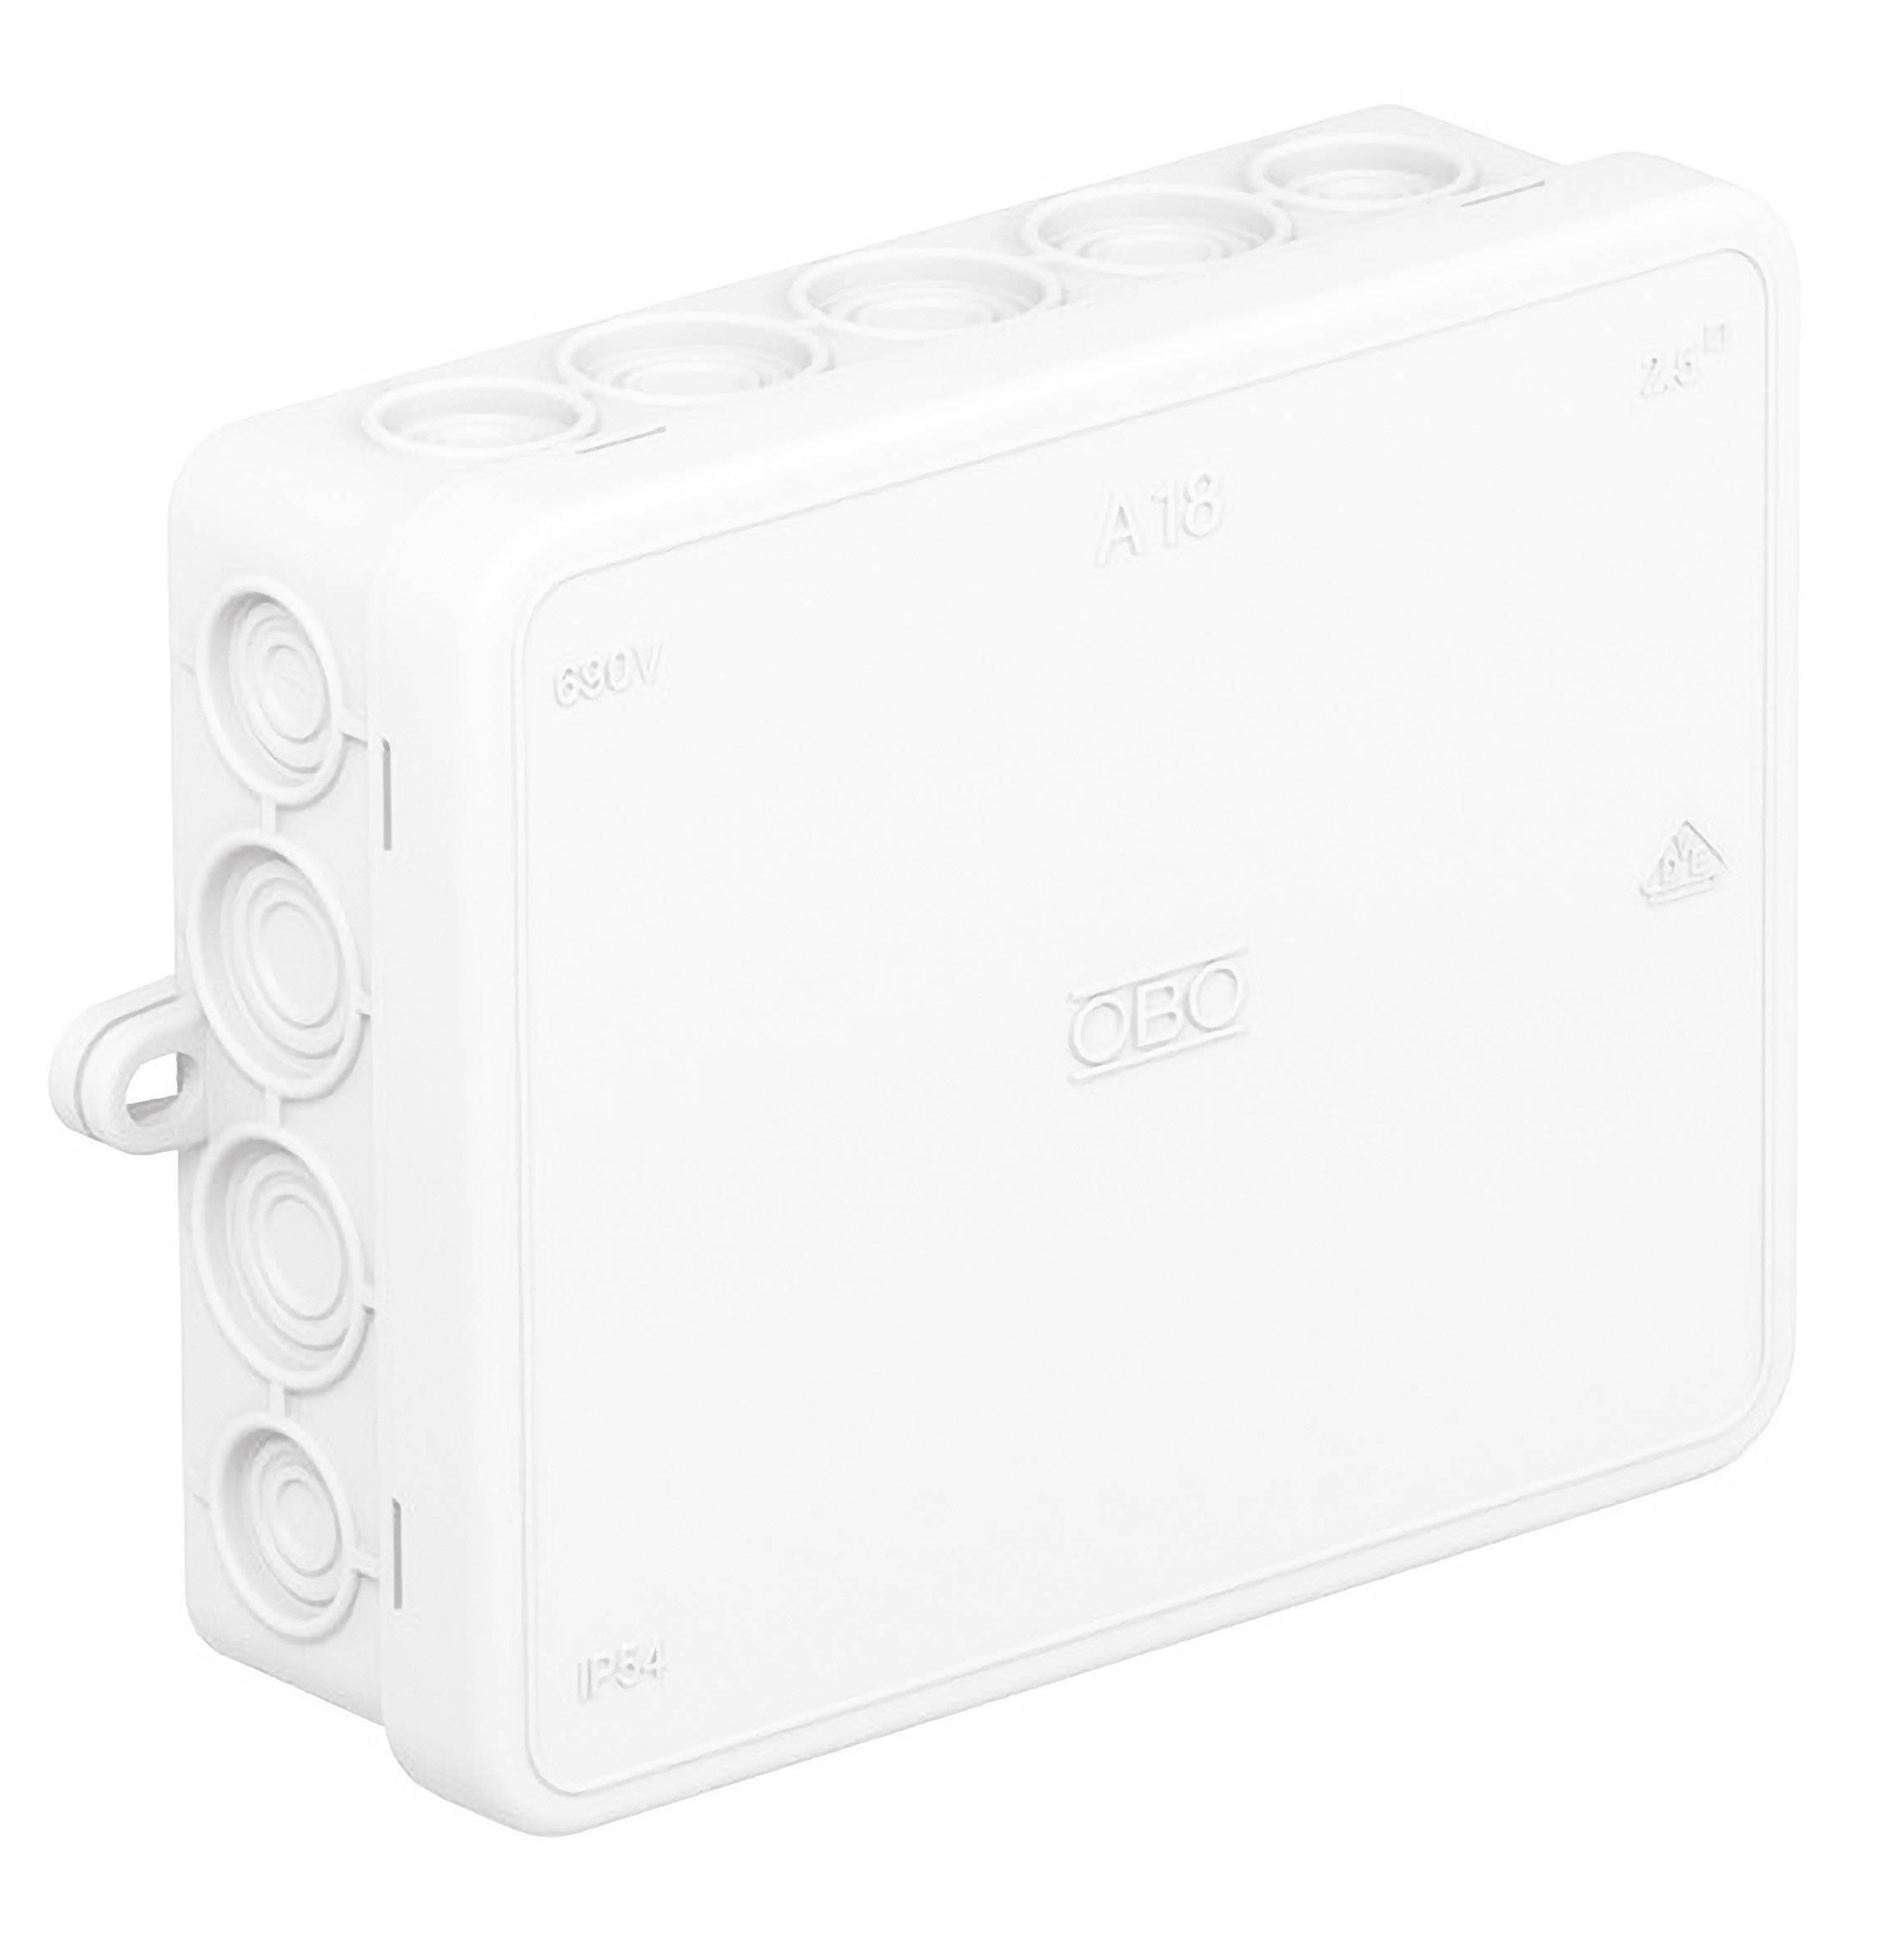 Rozbočovacia krabica OBO Bettermann A18, IP55, 125 x 100 x 40 mm, jasne biela, 2000422